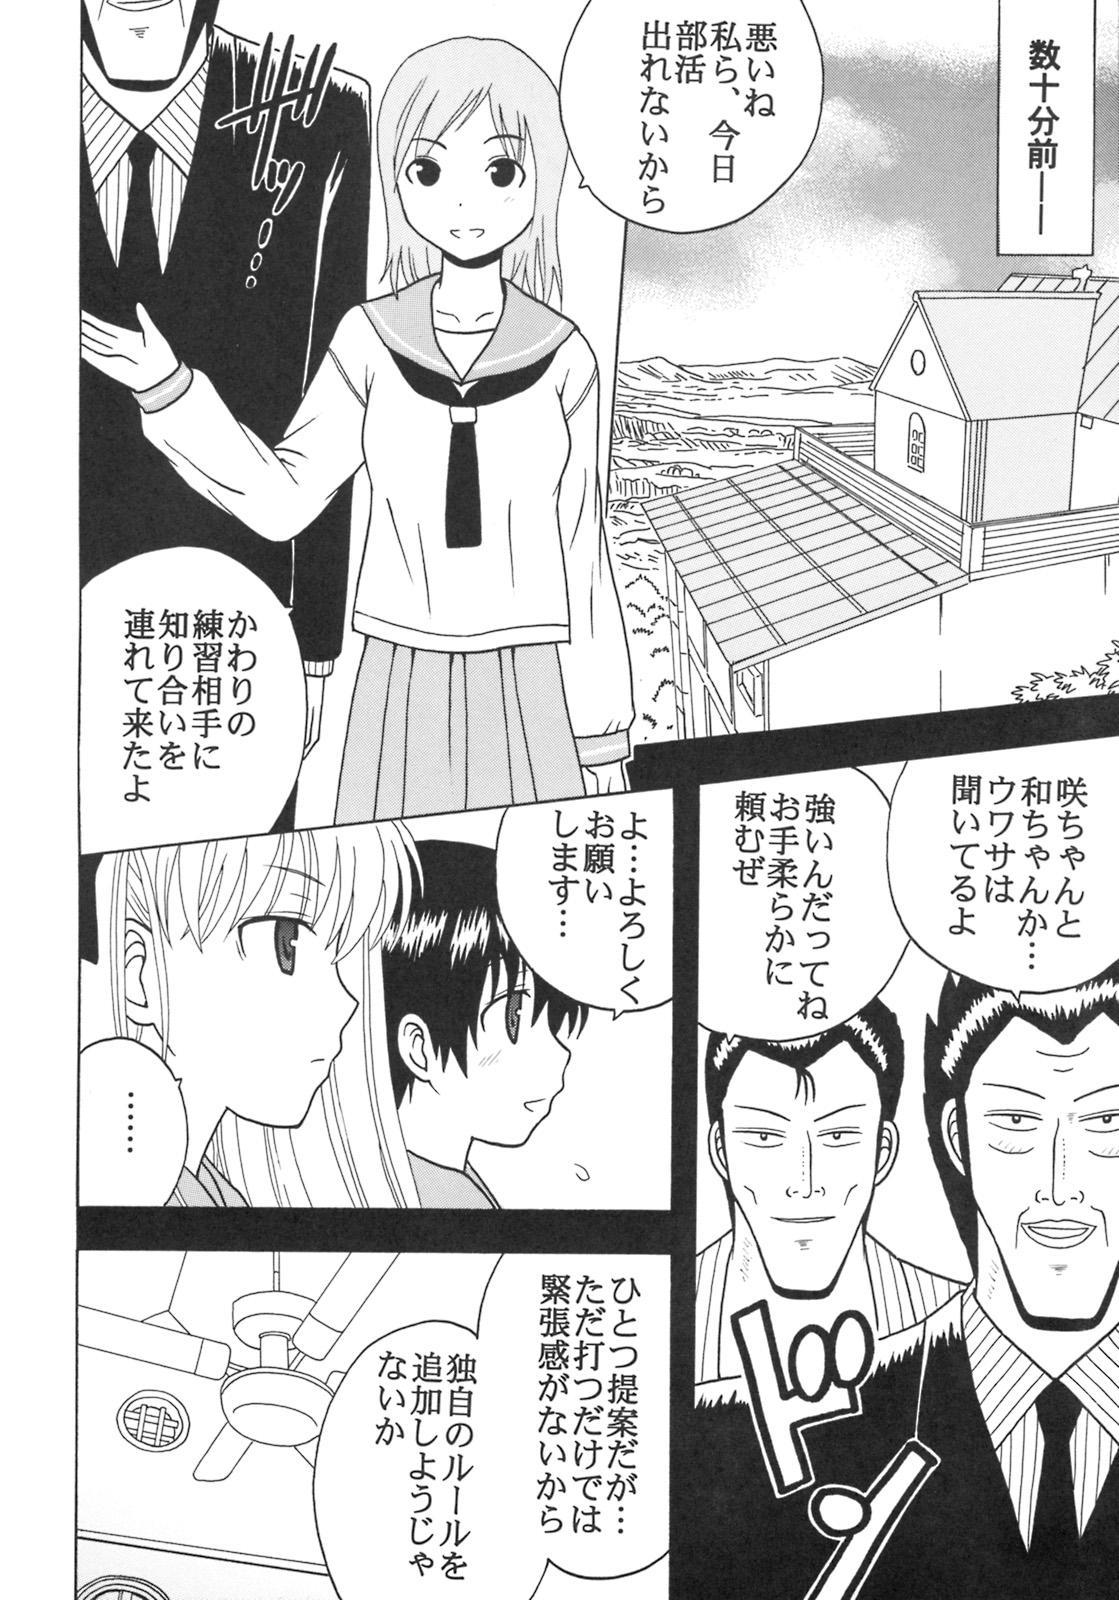 Gakuen Mahjong Toupaiden Saki 2 4